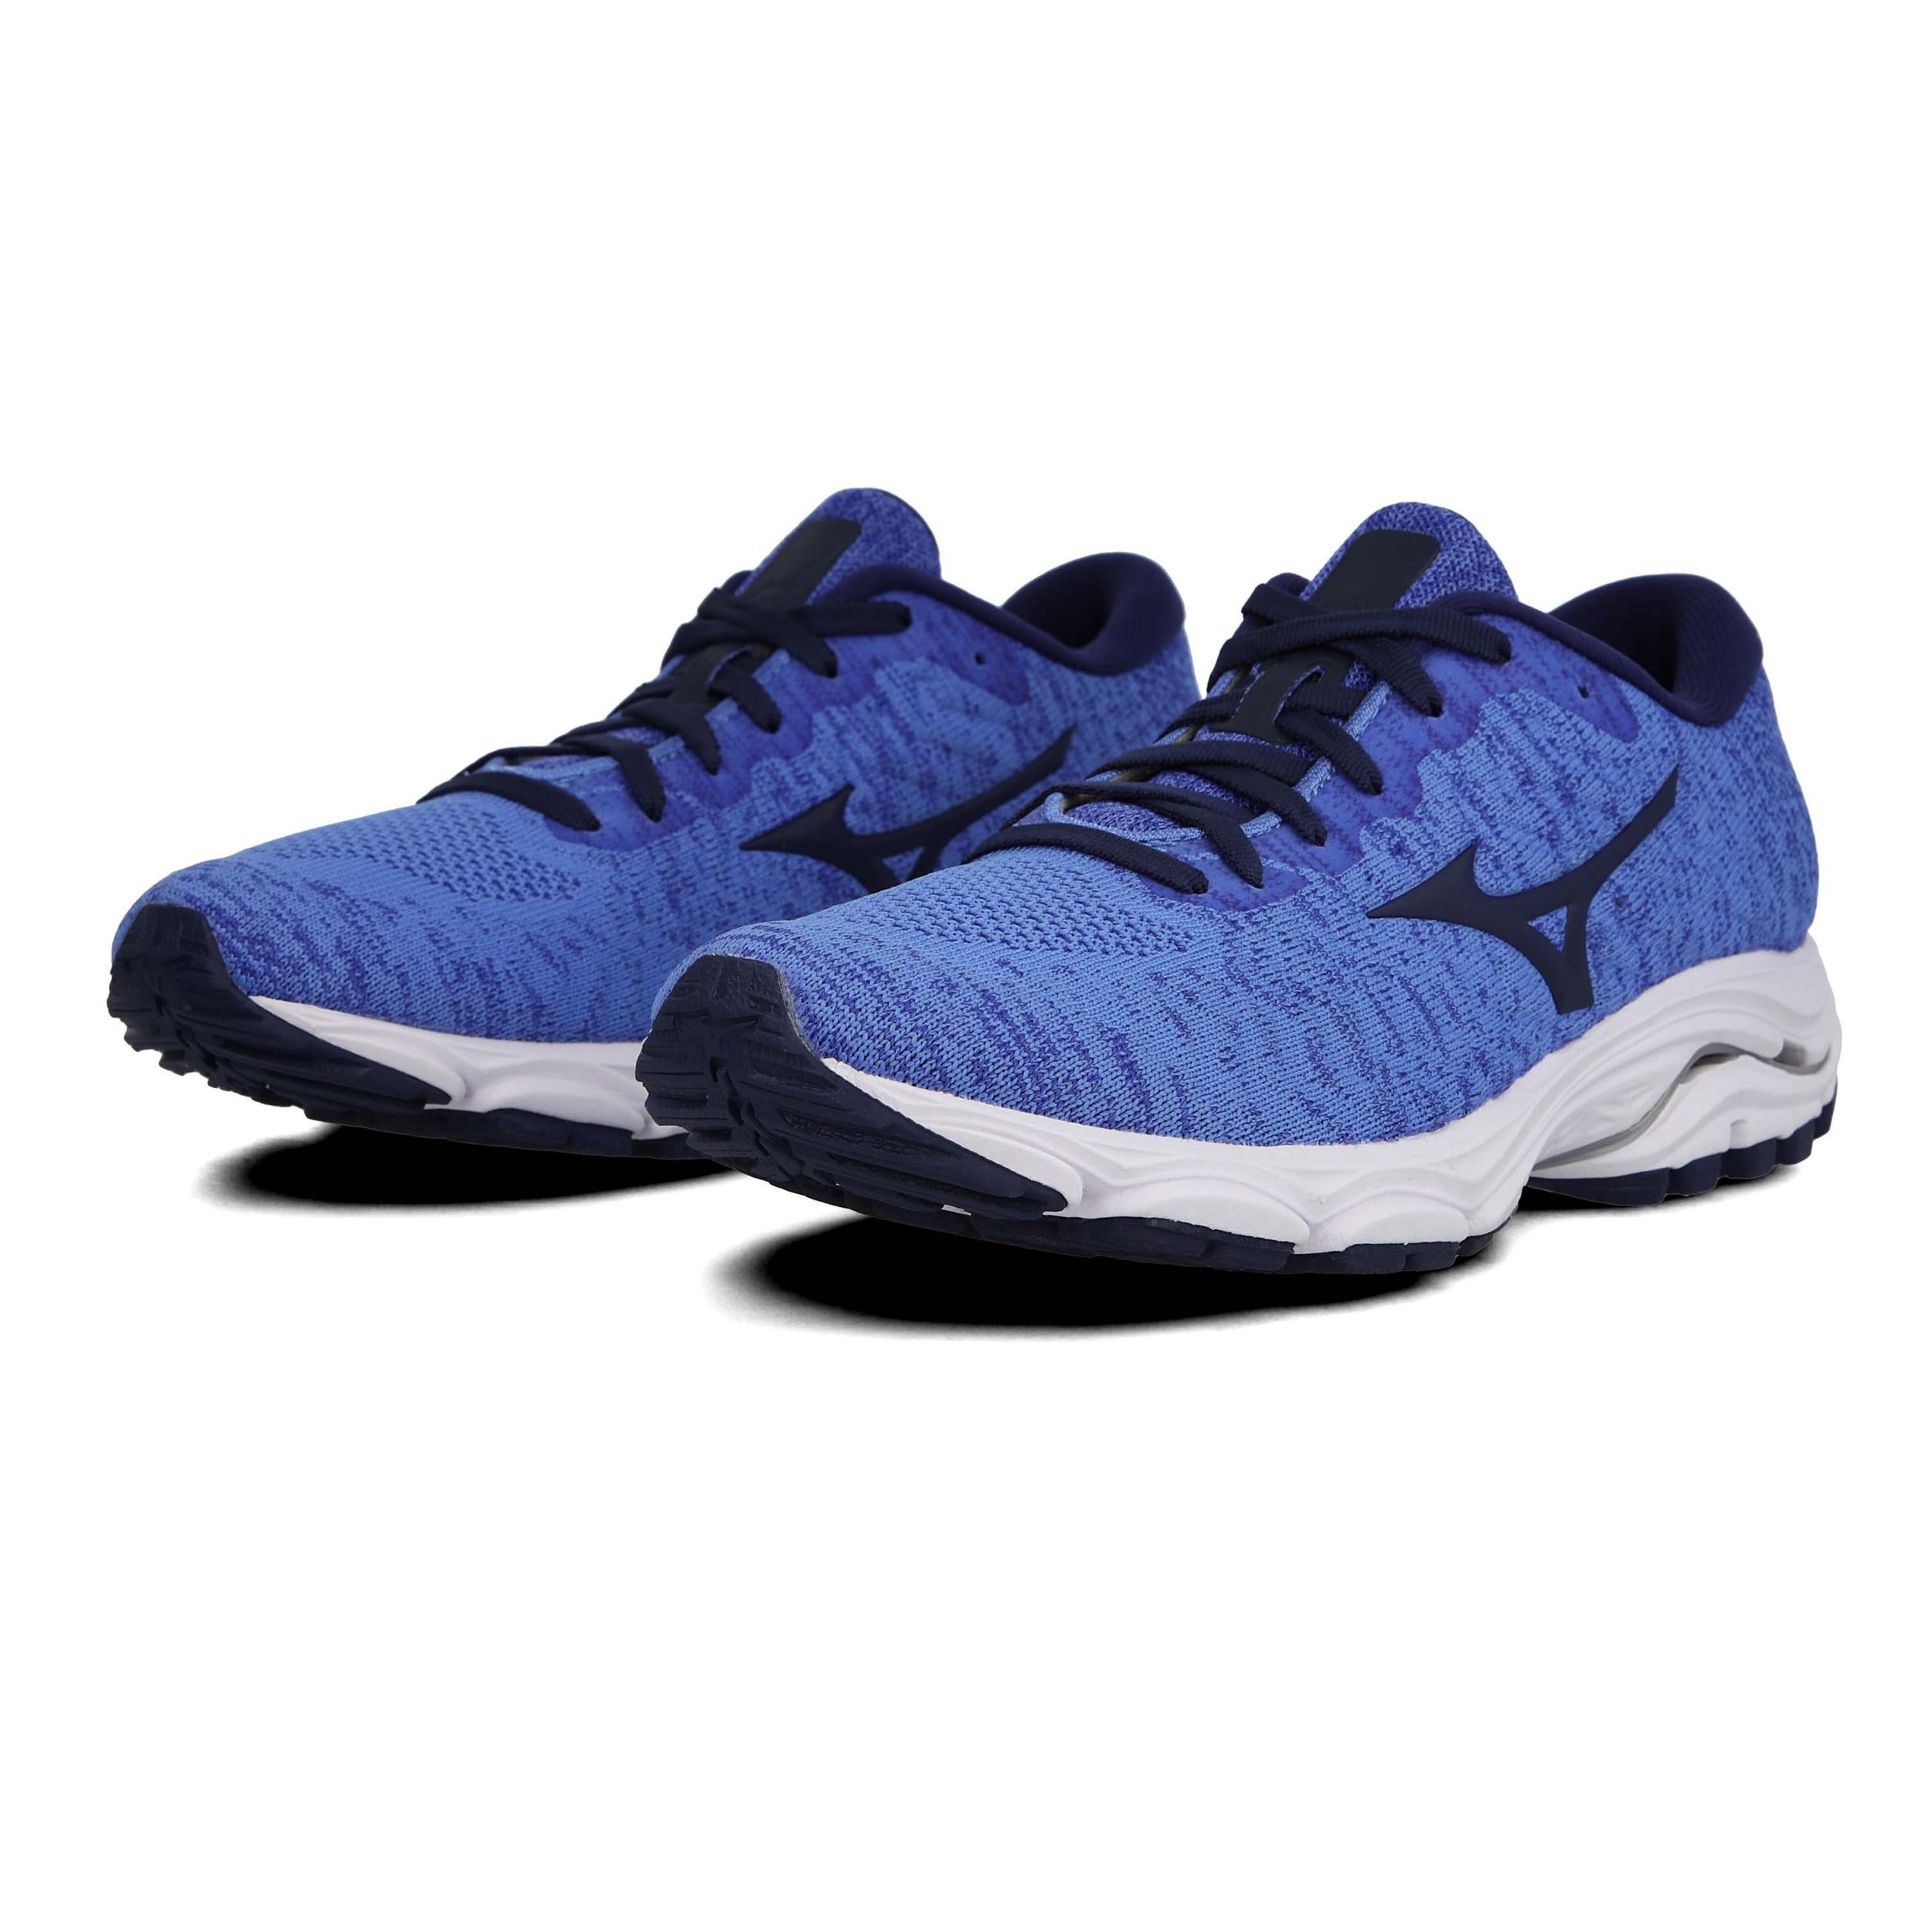 Mizuno Wave Inspire 16 Waveknit Women's Running Shoes - SS20